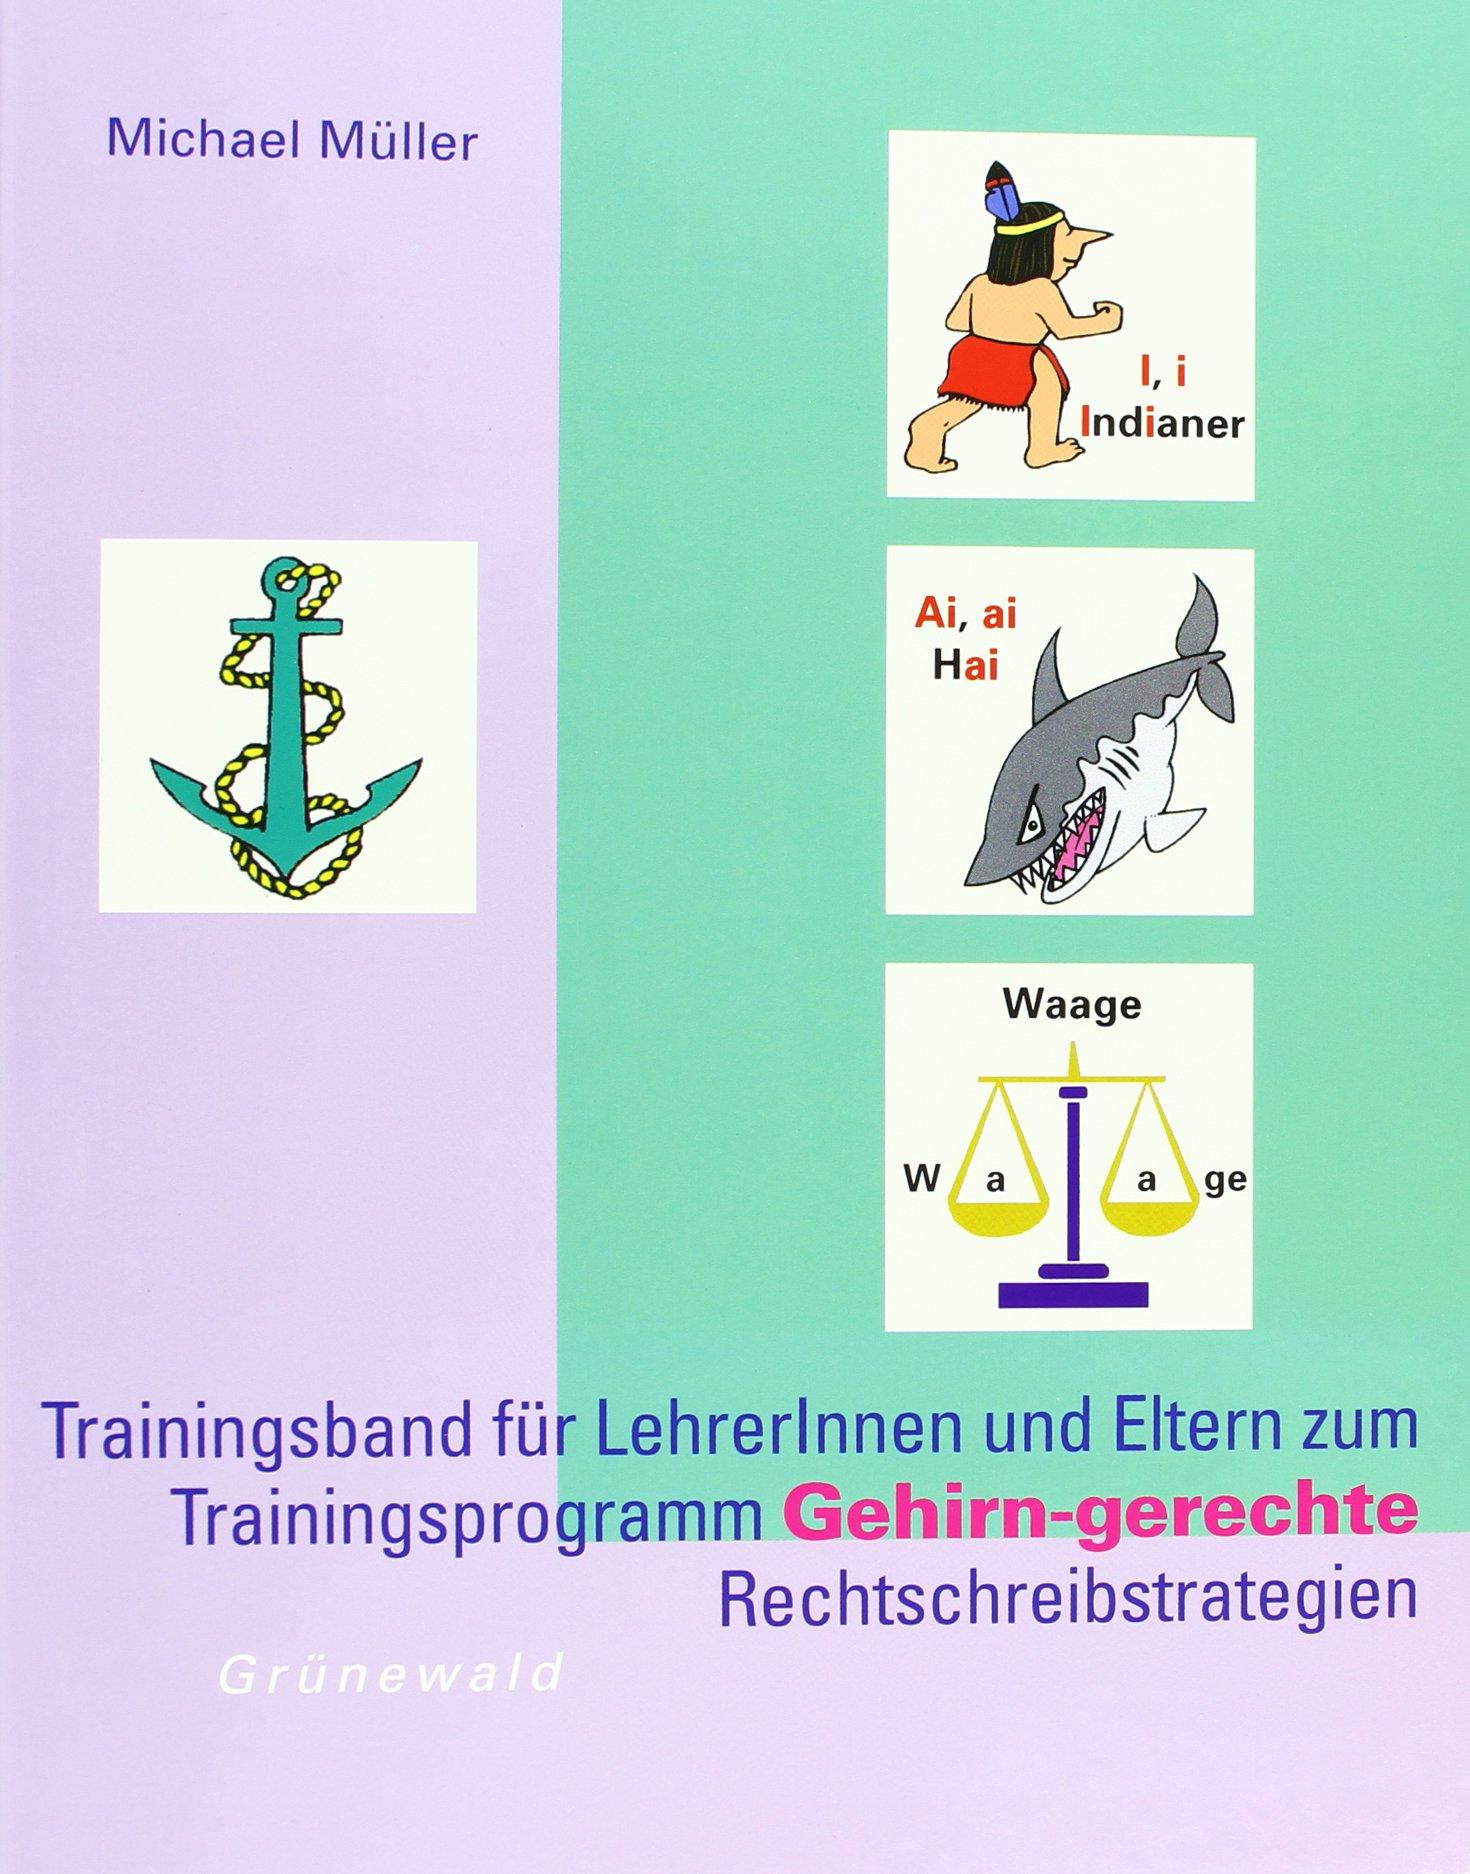 Trainingsband für LehrerInnen und Eltern zum Trainigsprogramm Gehirn-gerechte Rechtschreibstrategien